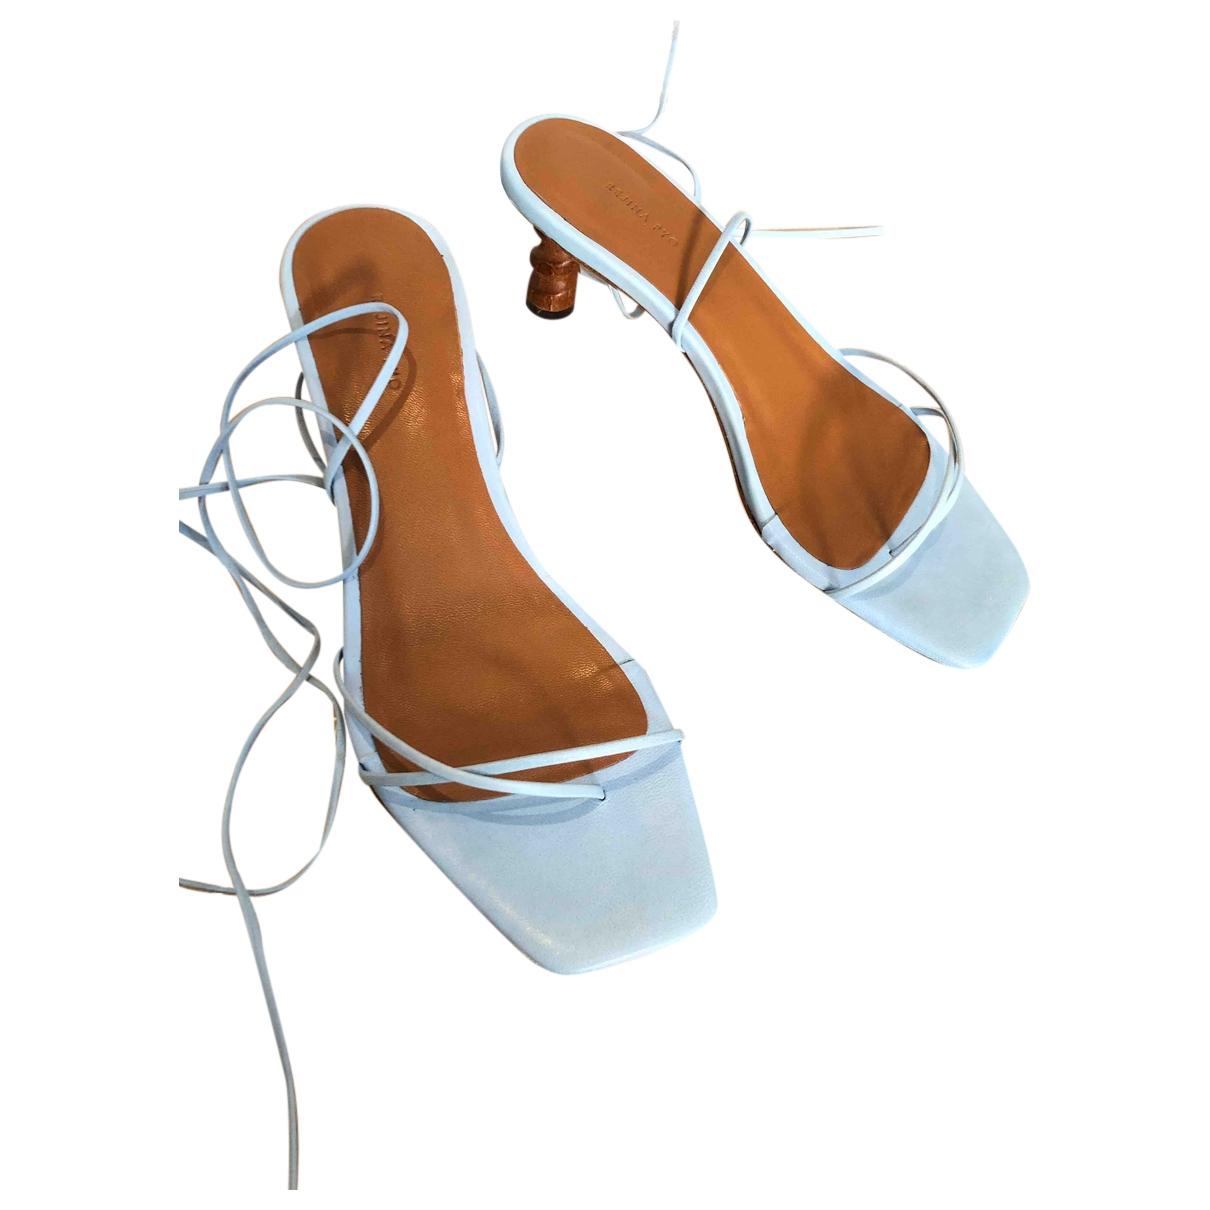 Sandalias romanas de Cuero Rejina Pyo